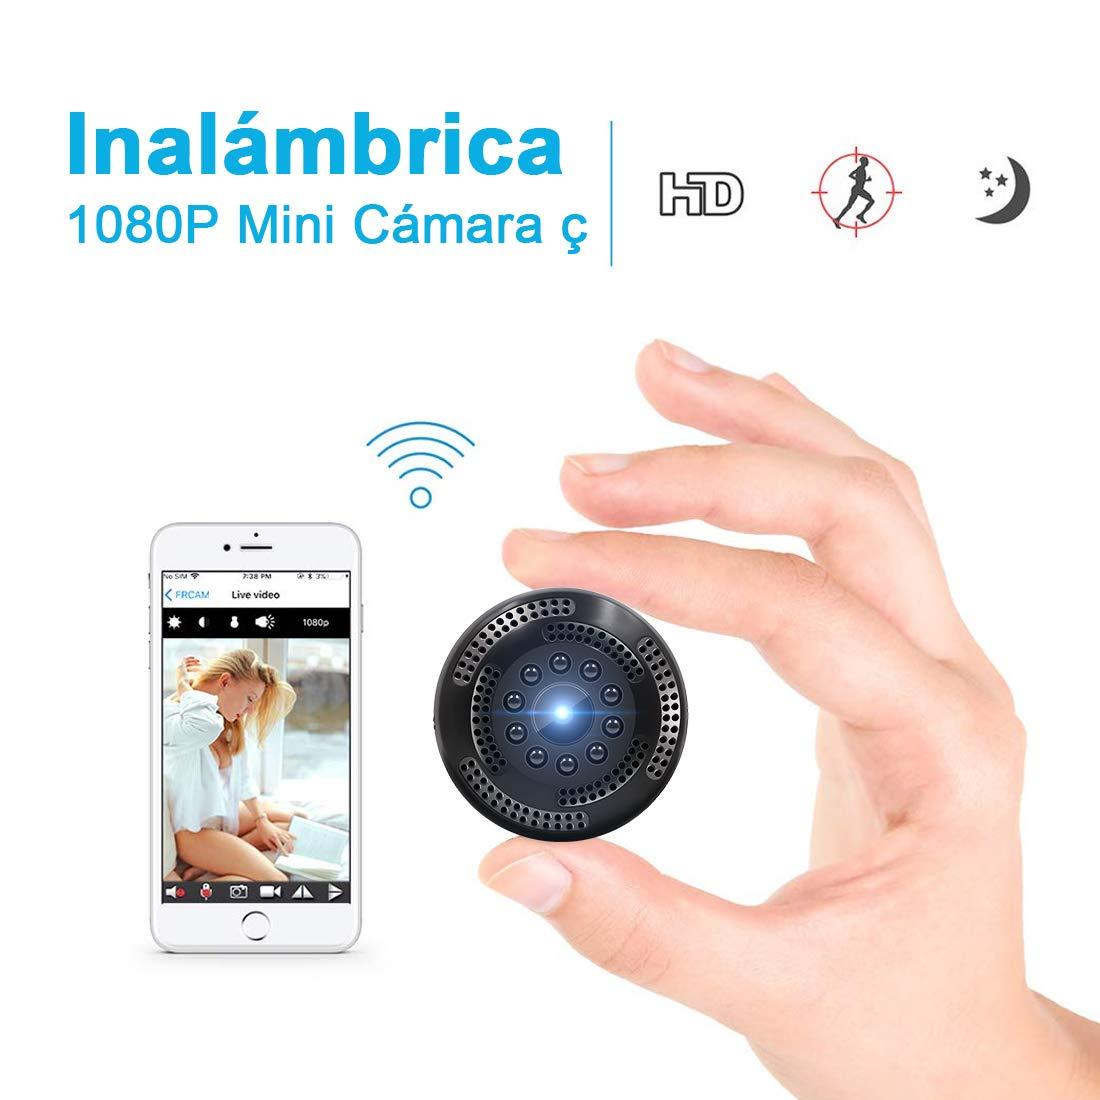 Supoggy Cámara Inalámbrica Oculta de Vigilancia con Resolución 1080P. Mini WiFi Cámara Espía con Grabación de Video Alerta de Detección de Movimiento, Visión Nocturna y Visualización Remota product image